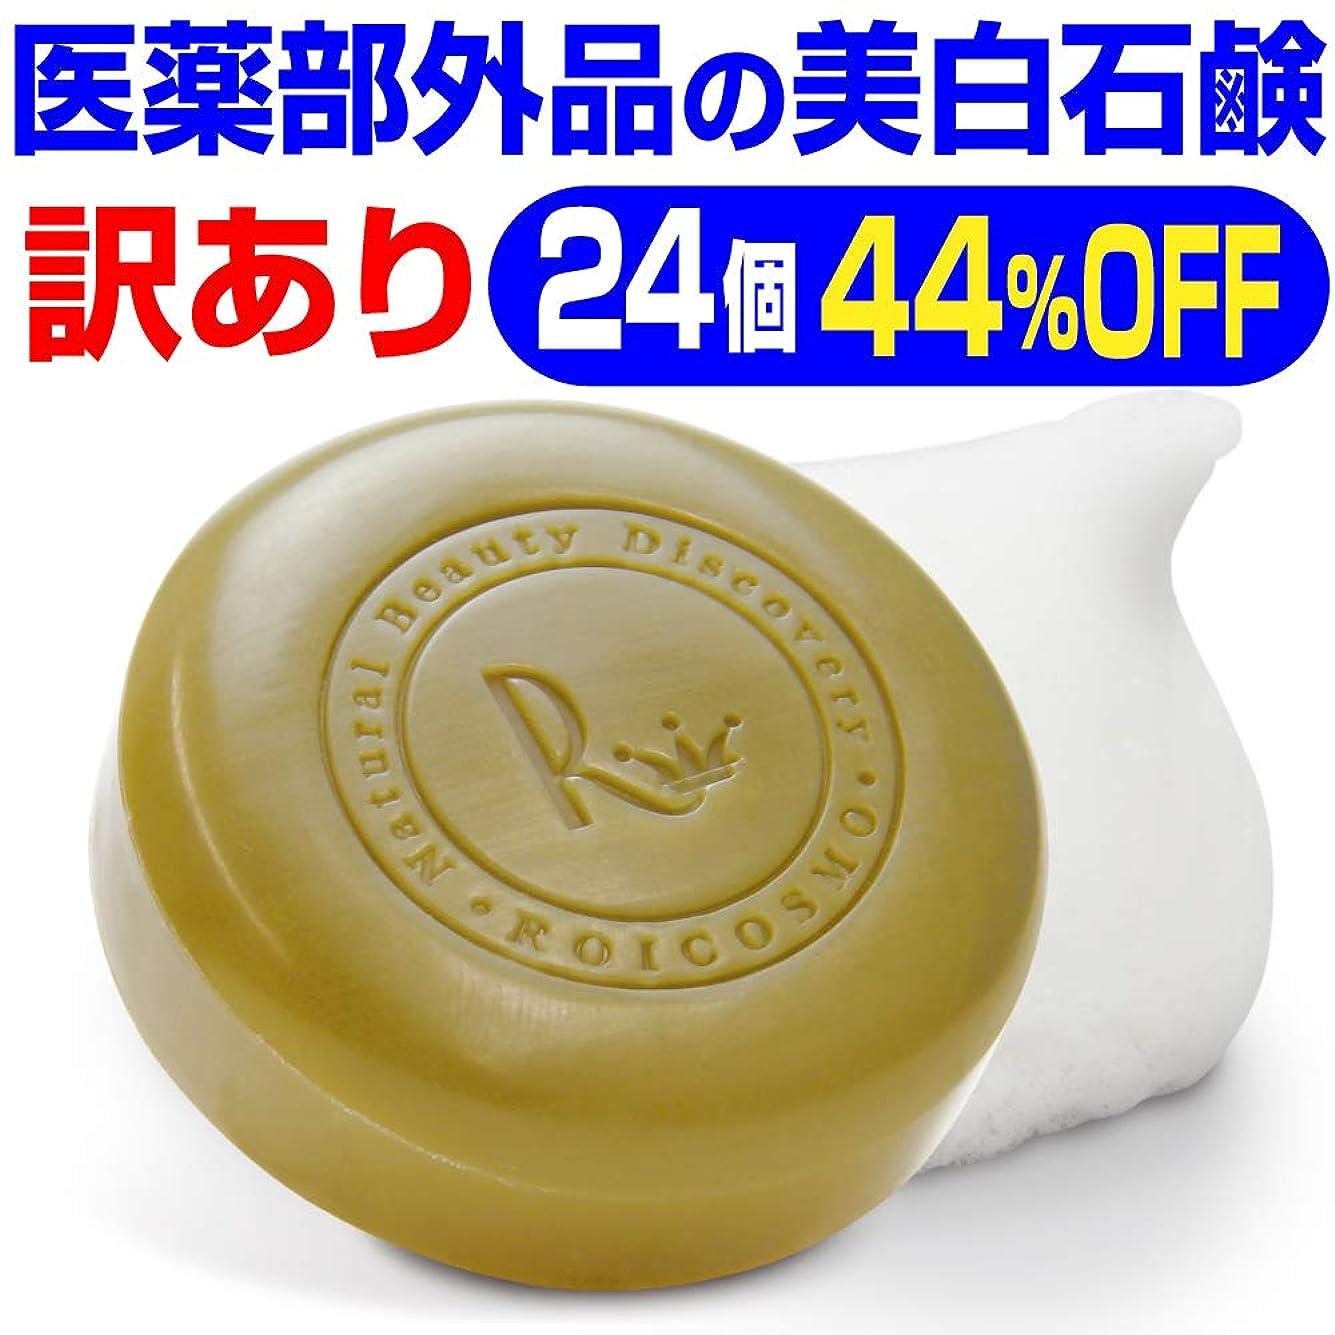 年金有益メイト訳あり44%OFF(1個2,143円)売切れ御免 ビタミンC270倍の美白成分の 洗顔石鹸『ホワイトソープ100g×24個』